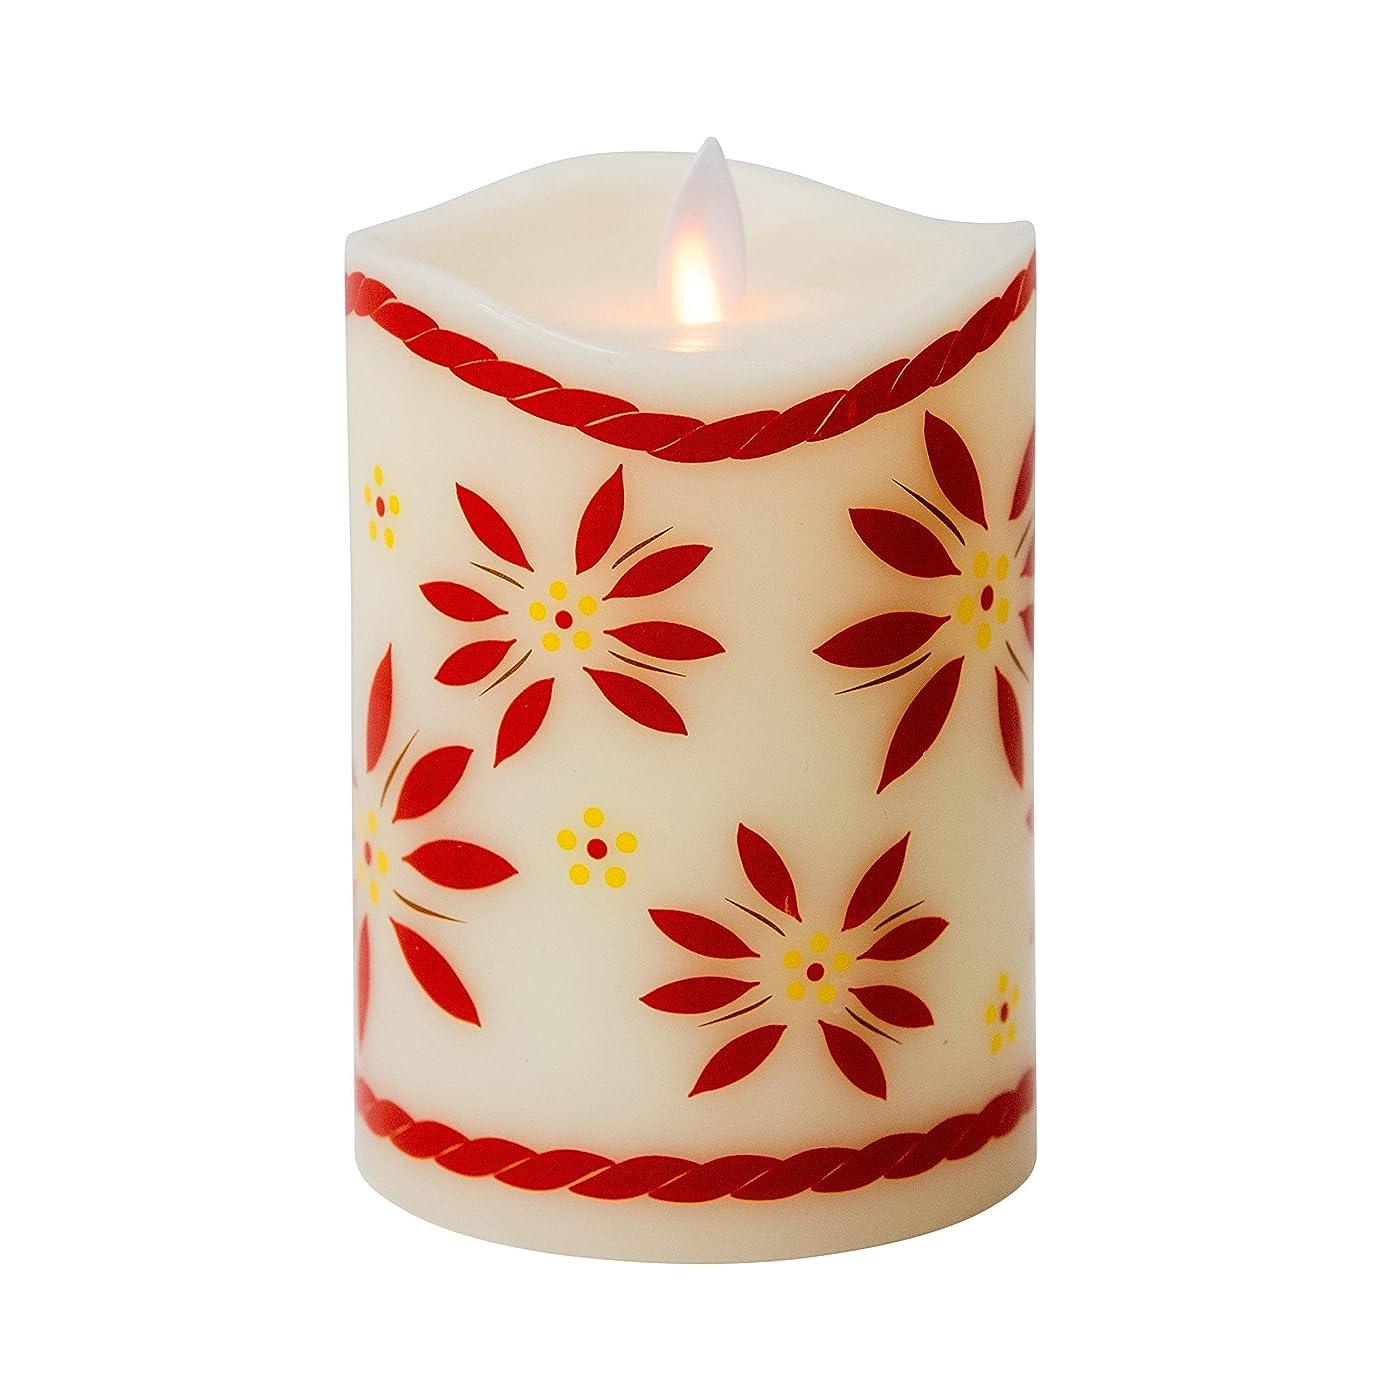 もう一度全くマザーランドBoston Warehouse temp-tations by Tara Mystiqueパラフィンワックス5インチOld World Flameless Pillar Candle レッド 40441